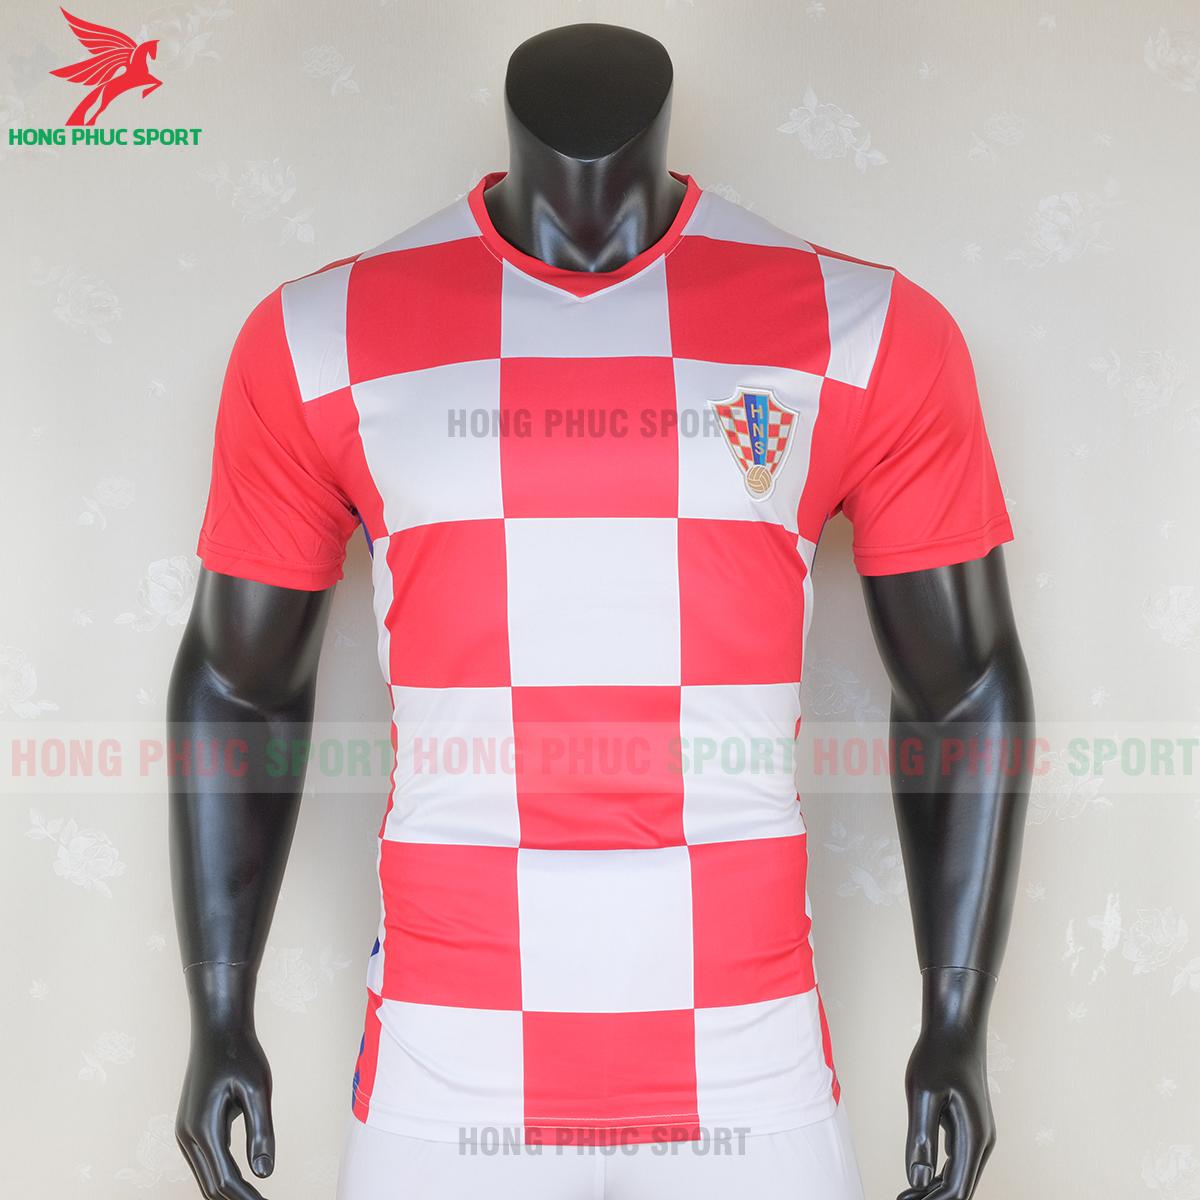 https://cdn.hongphucsport.com/unsafe/s4.shopbay.vn/files/285/ao-bong-da-tuyen-croatia-2020-san-nha-mau-1-7-5f7147c291a9f.png